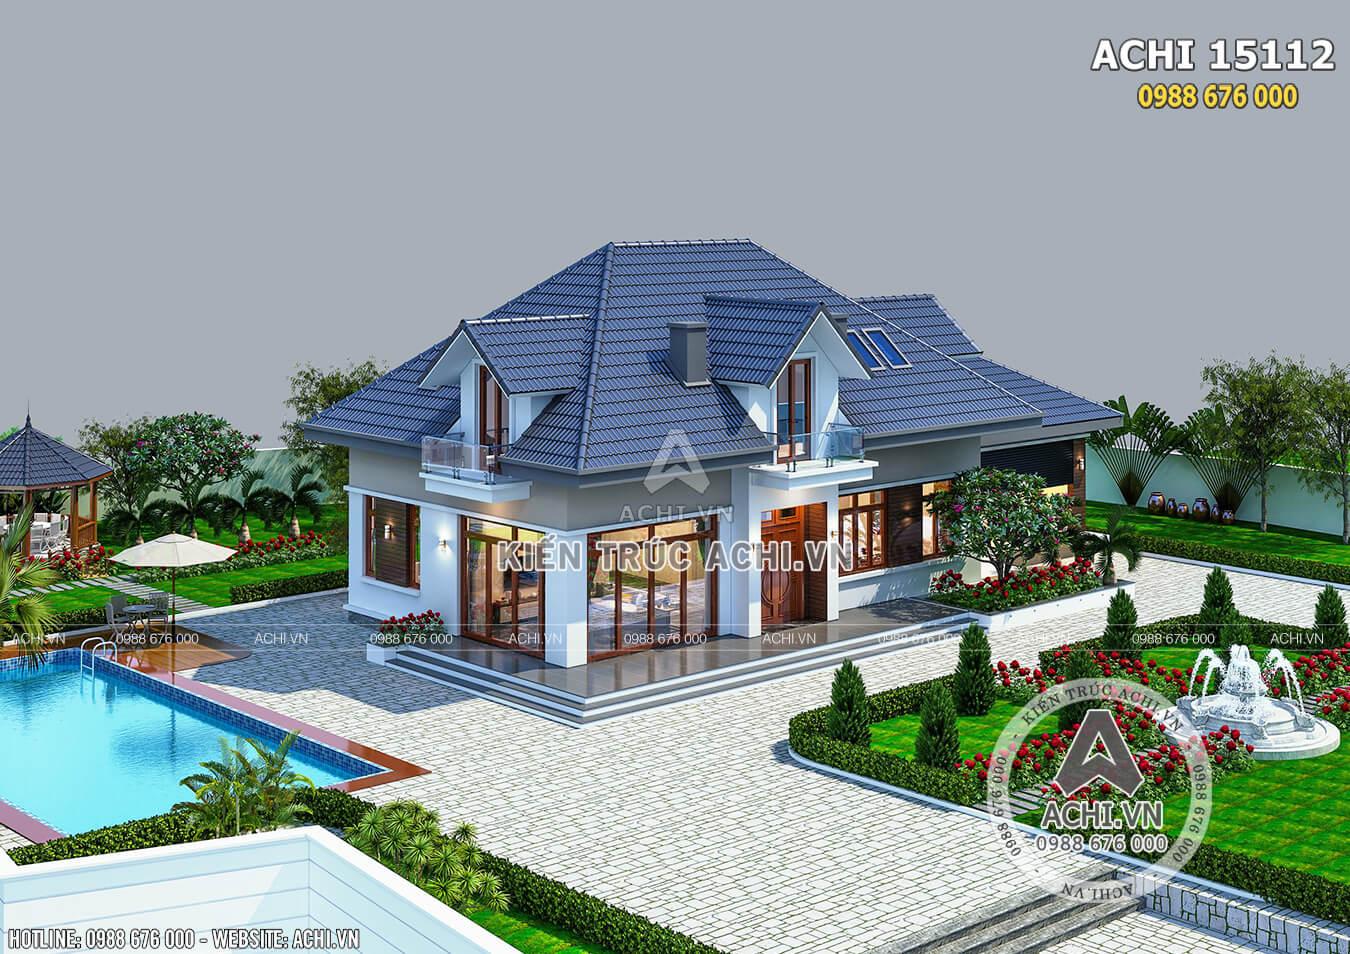 Mẫu nhà 1 tầng rưỡi hiện đại với sân vườn đẹp